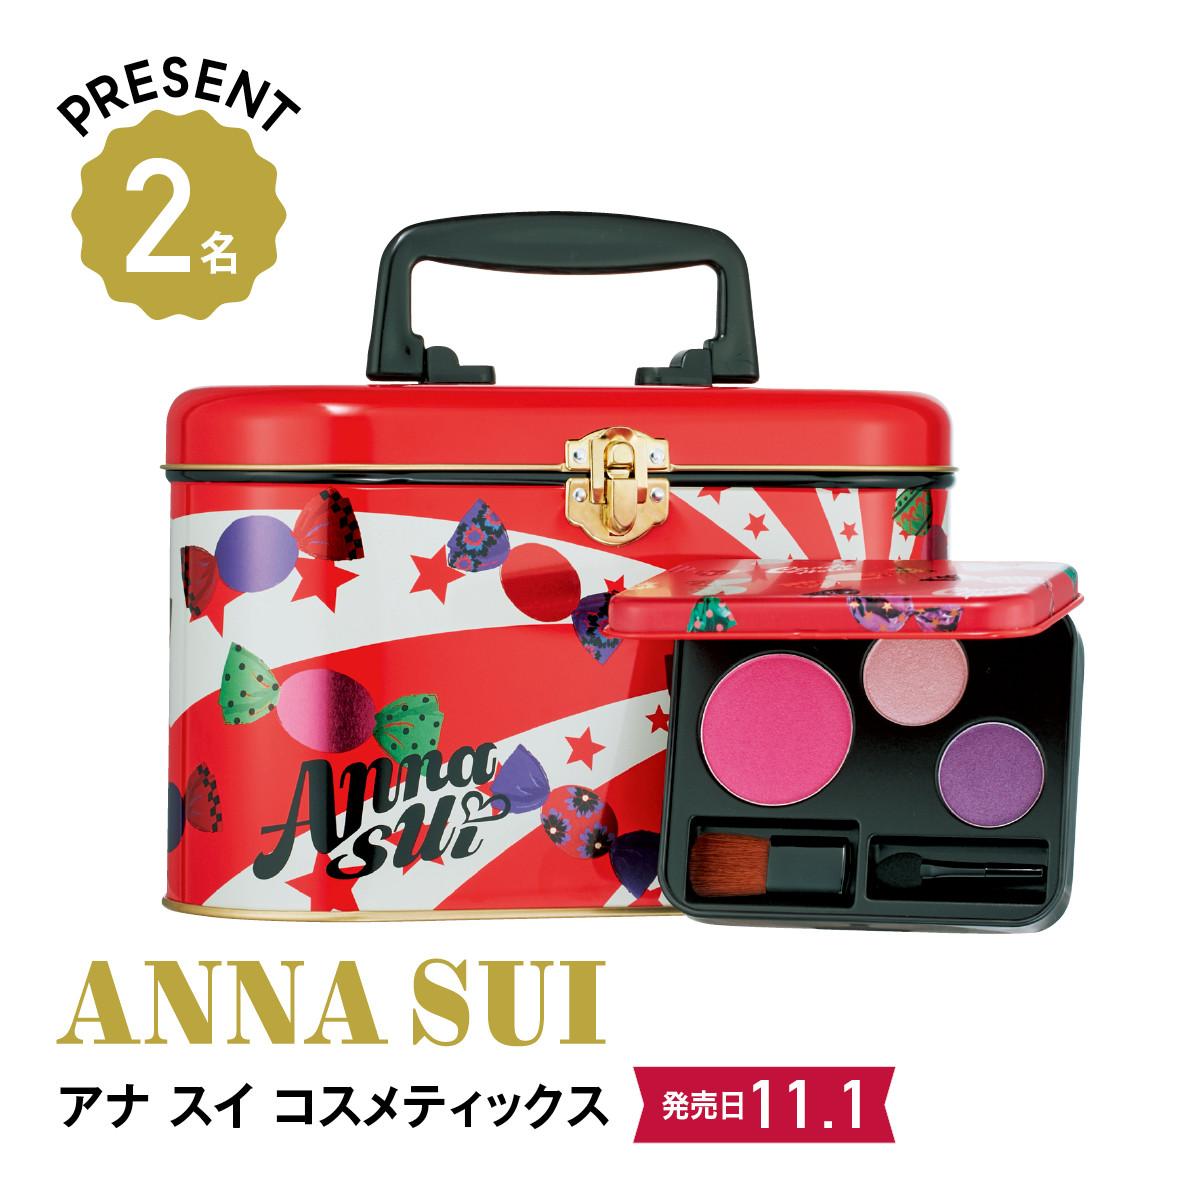 2019クリスマスコフレ&限定品:ANNA SUI/アナ スイ